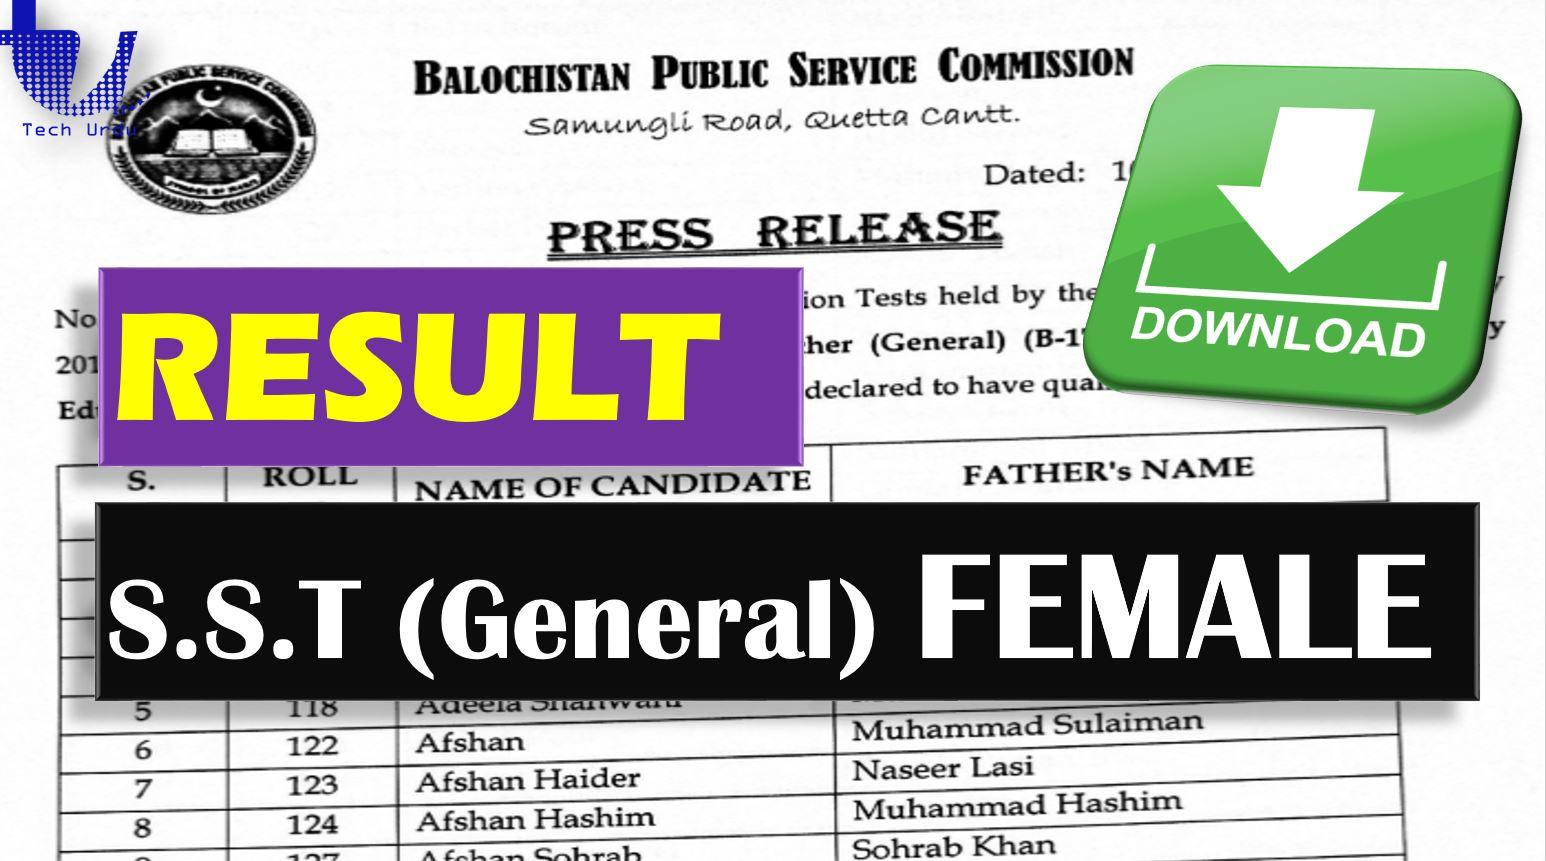 Result S.S.T Female General (Download) Balochistan Public Service Commission - techurdu.net